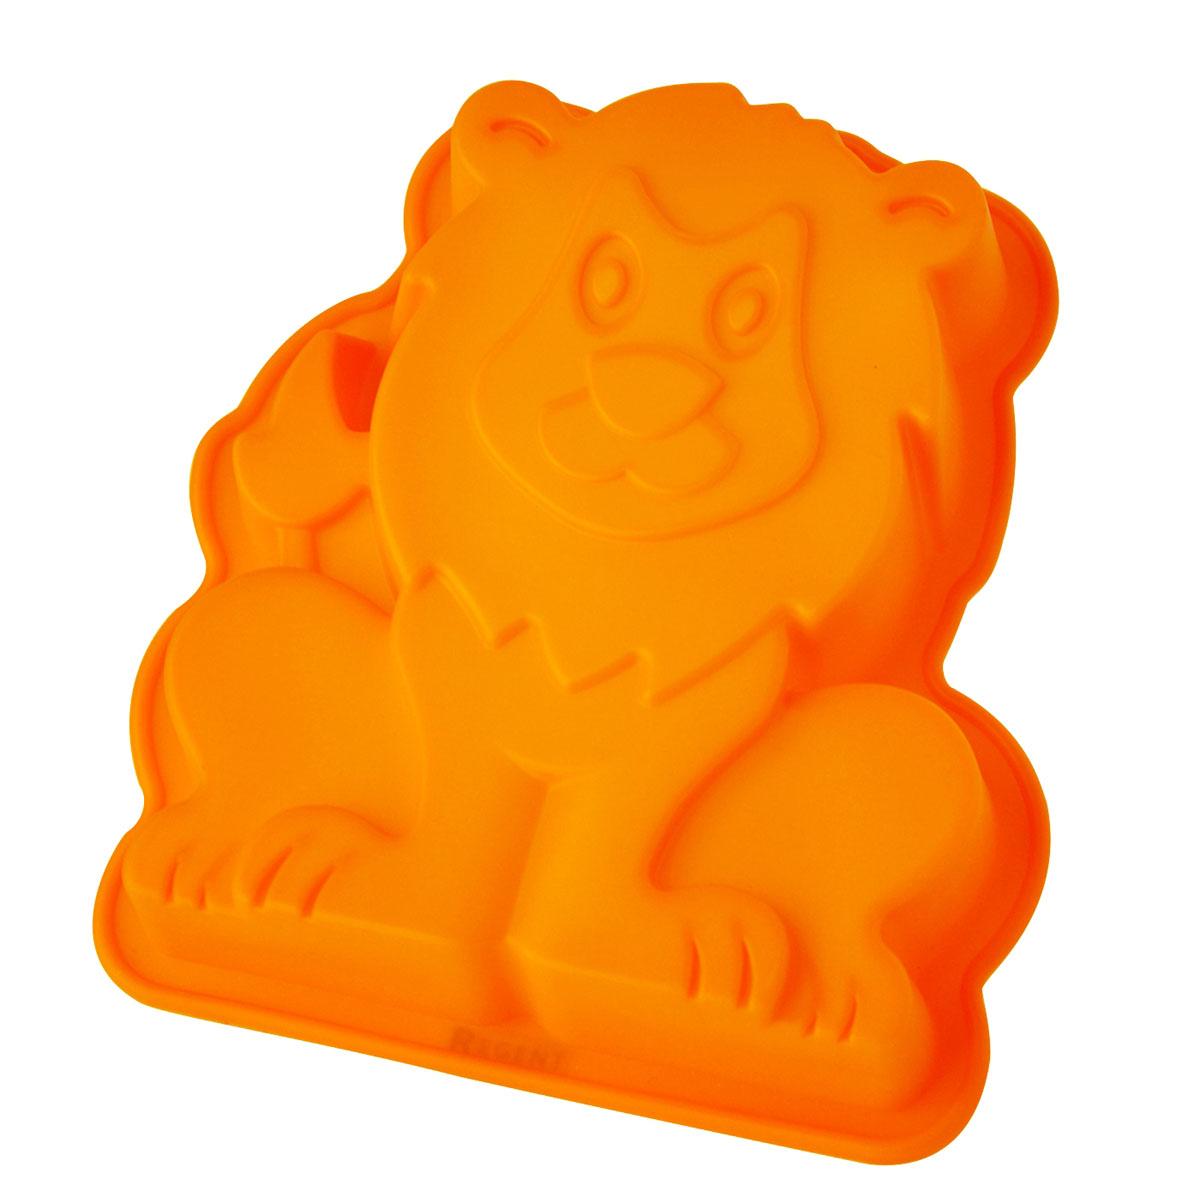 Форма для выпечки и заморозки Regent Inox Царь зверей, силиконовая. цвет: оранжевый, 20 х 17 см93-SI-FO-77Форма для выпечки и заморозки Царь зверей выполнена из силикона и предназначена для изготовления выпечки, конфет, мармелада, желе, льда и даже мыла. С помощью формы в виде забавного львёнка любой день можно превратить в праздник и порадовать детей. Силиконовые формы выдерживают высокие и низкие температуры (от -40°С до +230°С). Они эластичны, износостойки, легко моются, не горят и не тлеют, не впитывают запахи, не оставляют пятен. Силикон абсолютно безвреден для здоровья. Не используйте моющие средства, содержащие абразивы. Можно мыть в посудомоечной машине. Подходит для использования во всех типах печей.